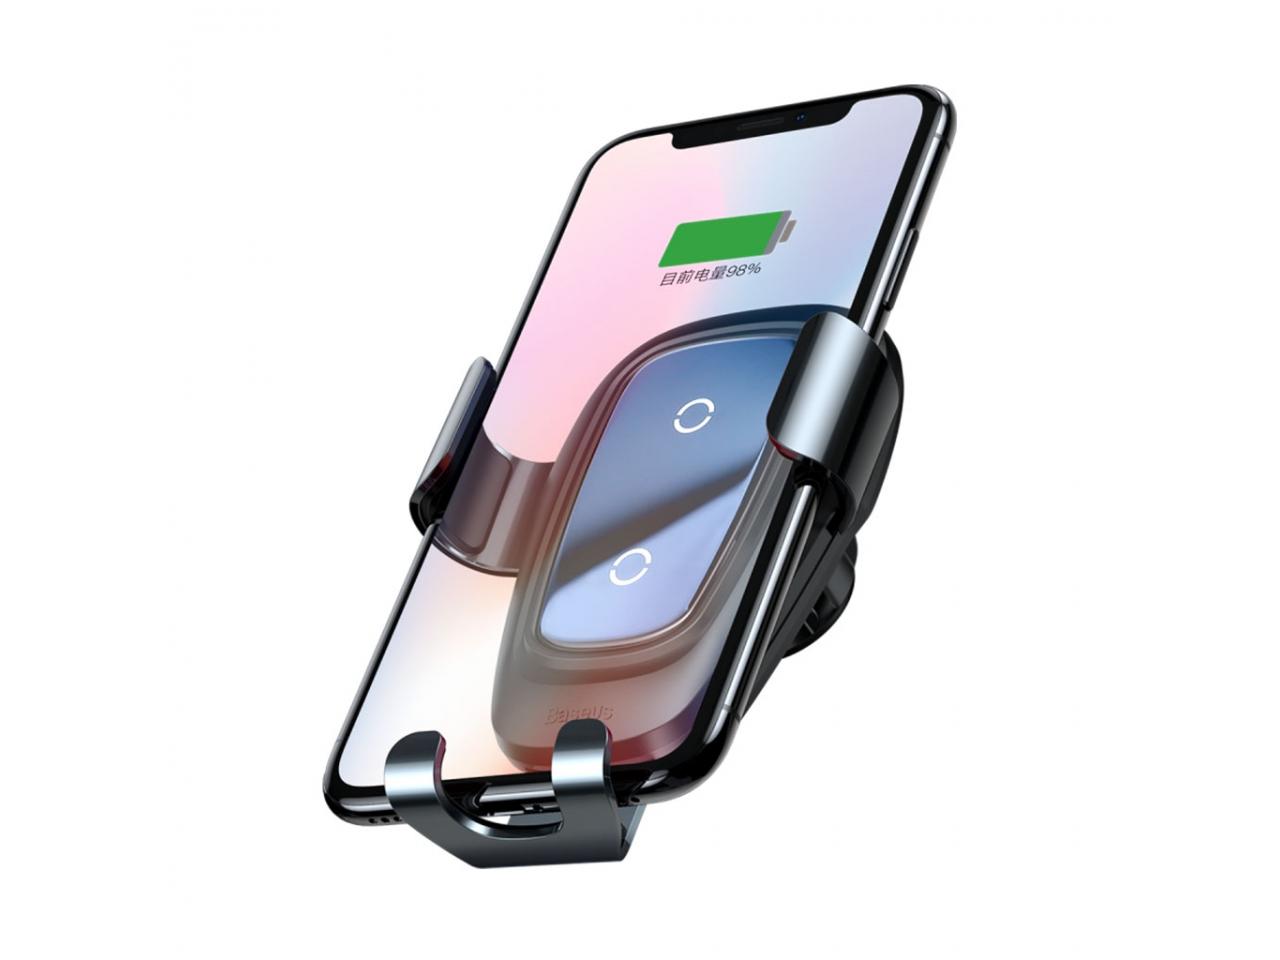 693515e9728 Wir empfehlen Ihnen eines mit 2 Ampere (2A/5V), damit das Smartphone  schneller mit Fast Charge aufgeladen werden kann.